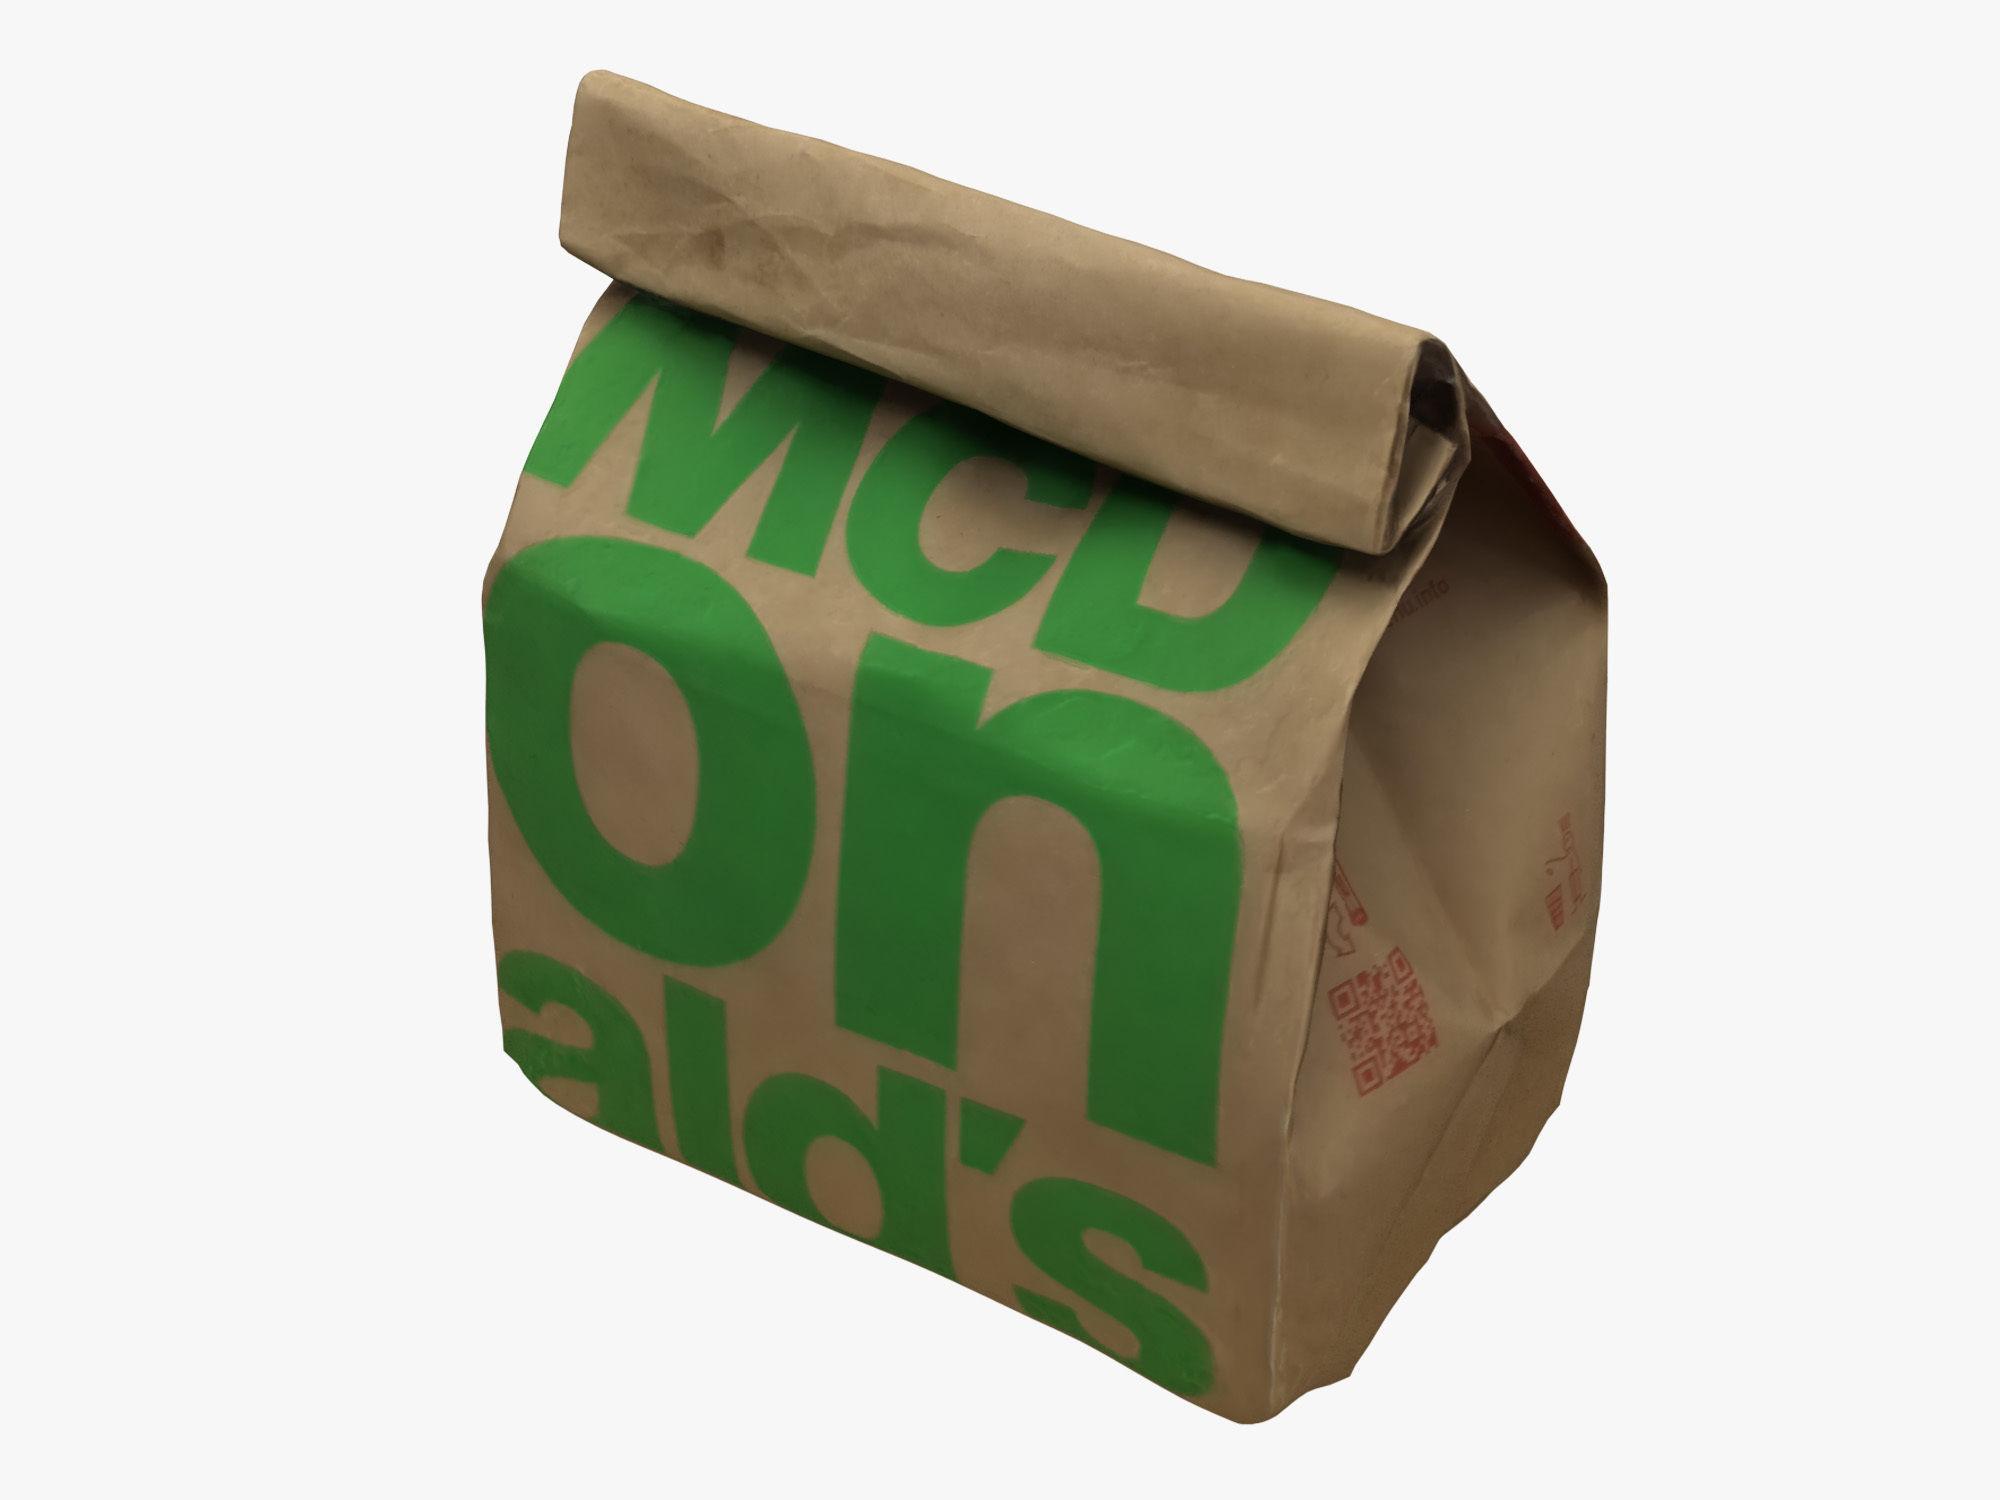 McDonalds Paper Bag